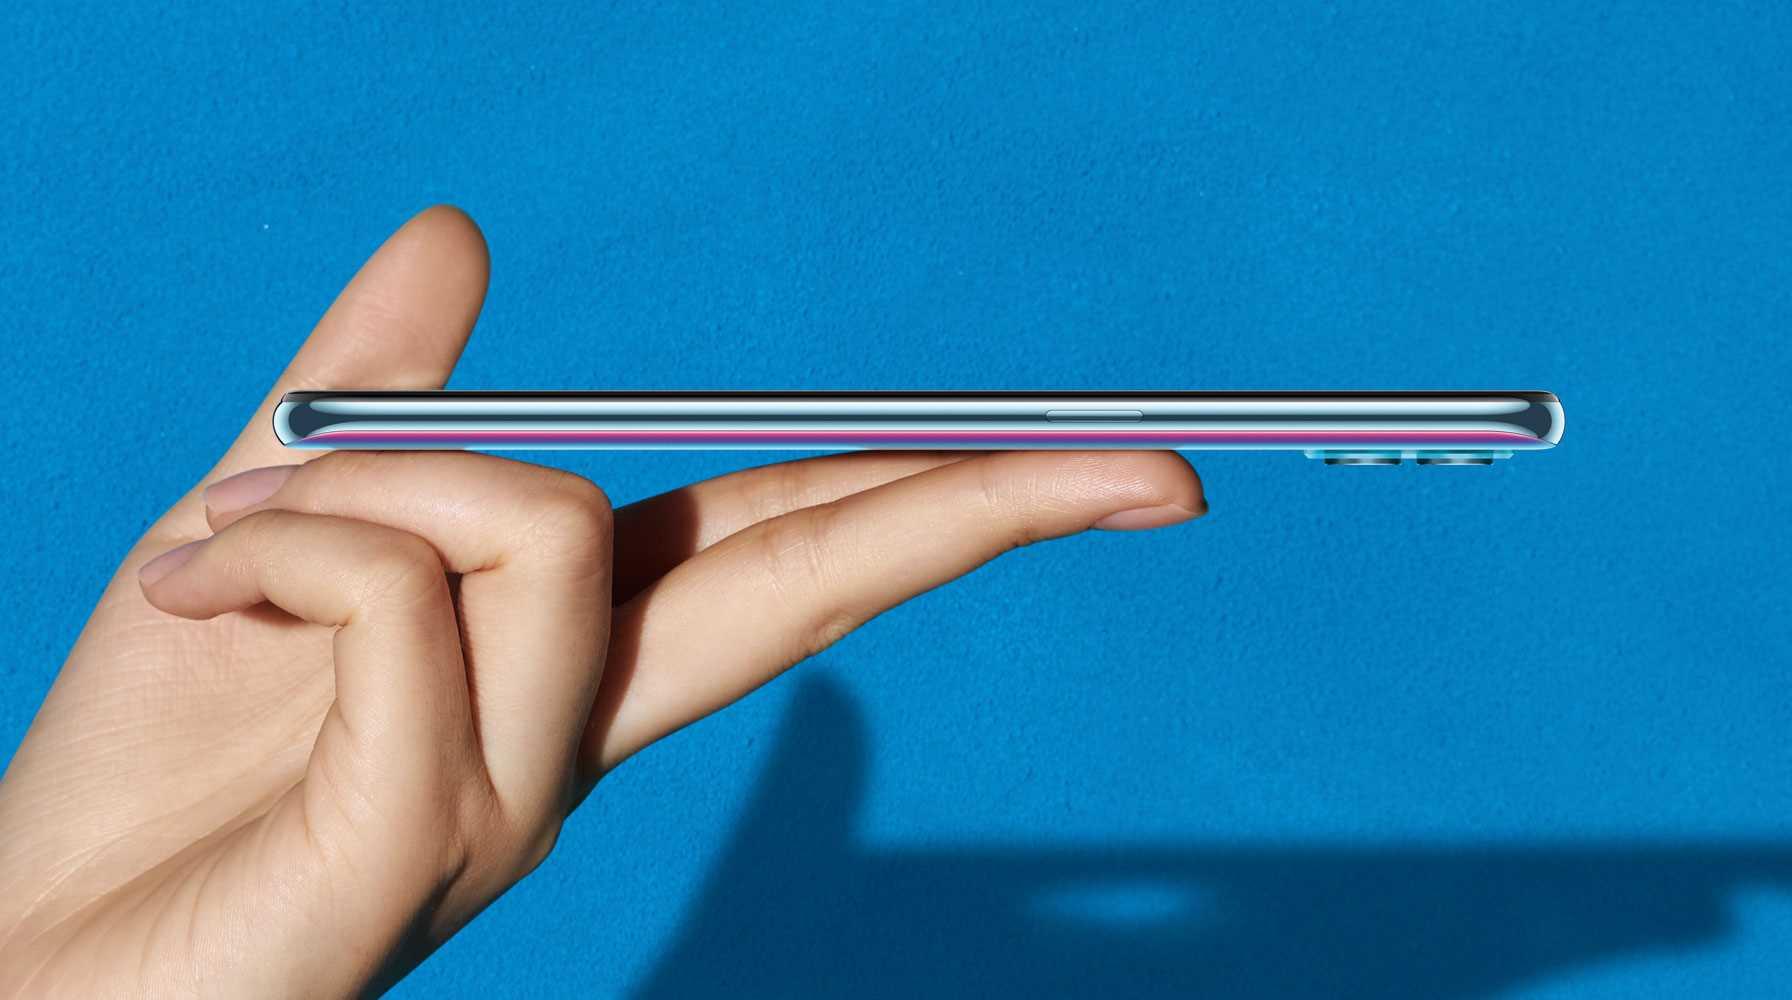 مع تصميم رفيع للغاية وملمس دائري سلس، توفر لك OPPO تقنيات التصميم الرائدة في هذا المجال هاتف أنحف وأخف وزناً من سلسلة OPPO A حتى الآن مع حواف ناعمة تمنحك راحة فائقة في اليد.